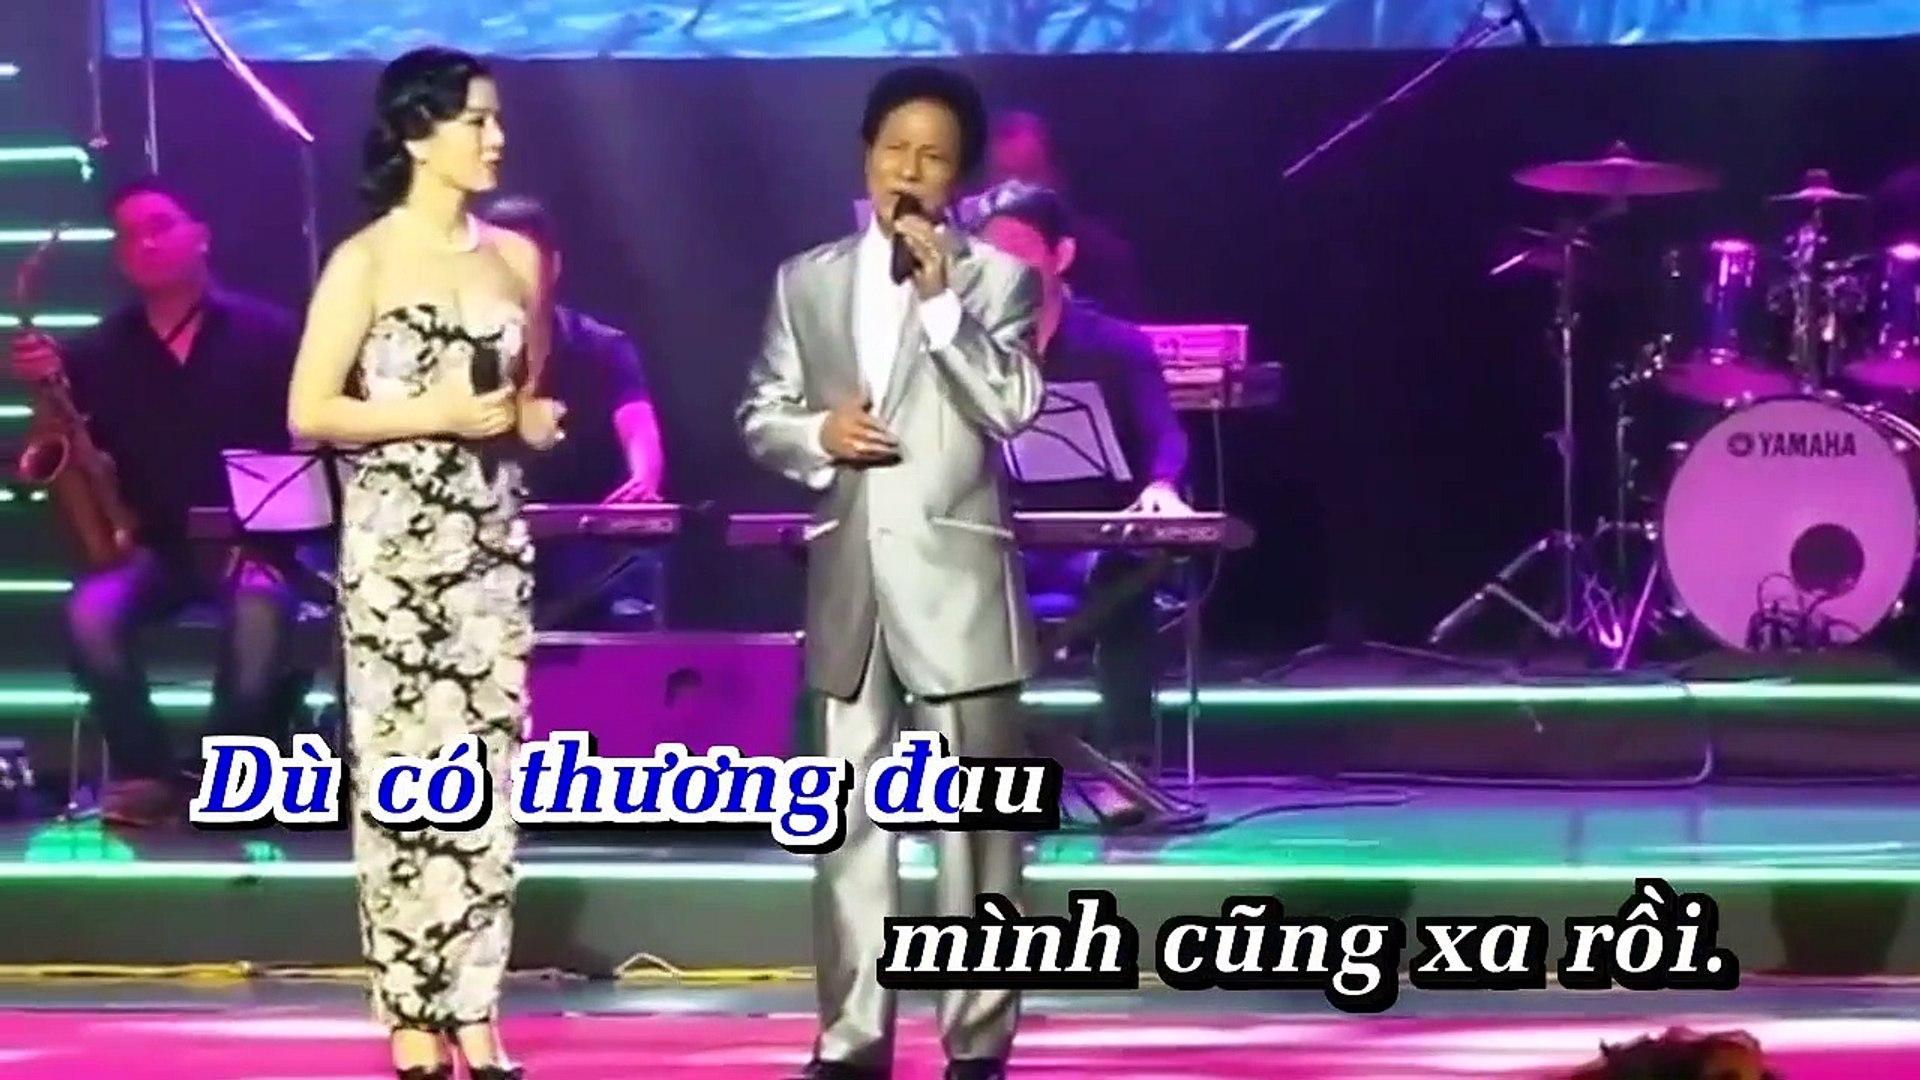 [Karaoke] Đoạn Cuối Tình Yêu - Chế Linh Ft. Lệ Quyên [Beat]